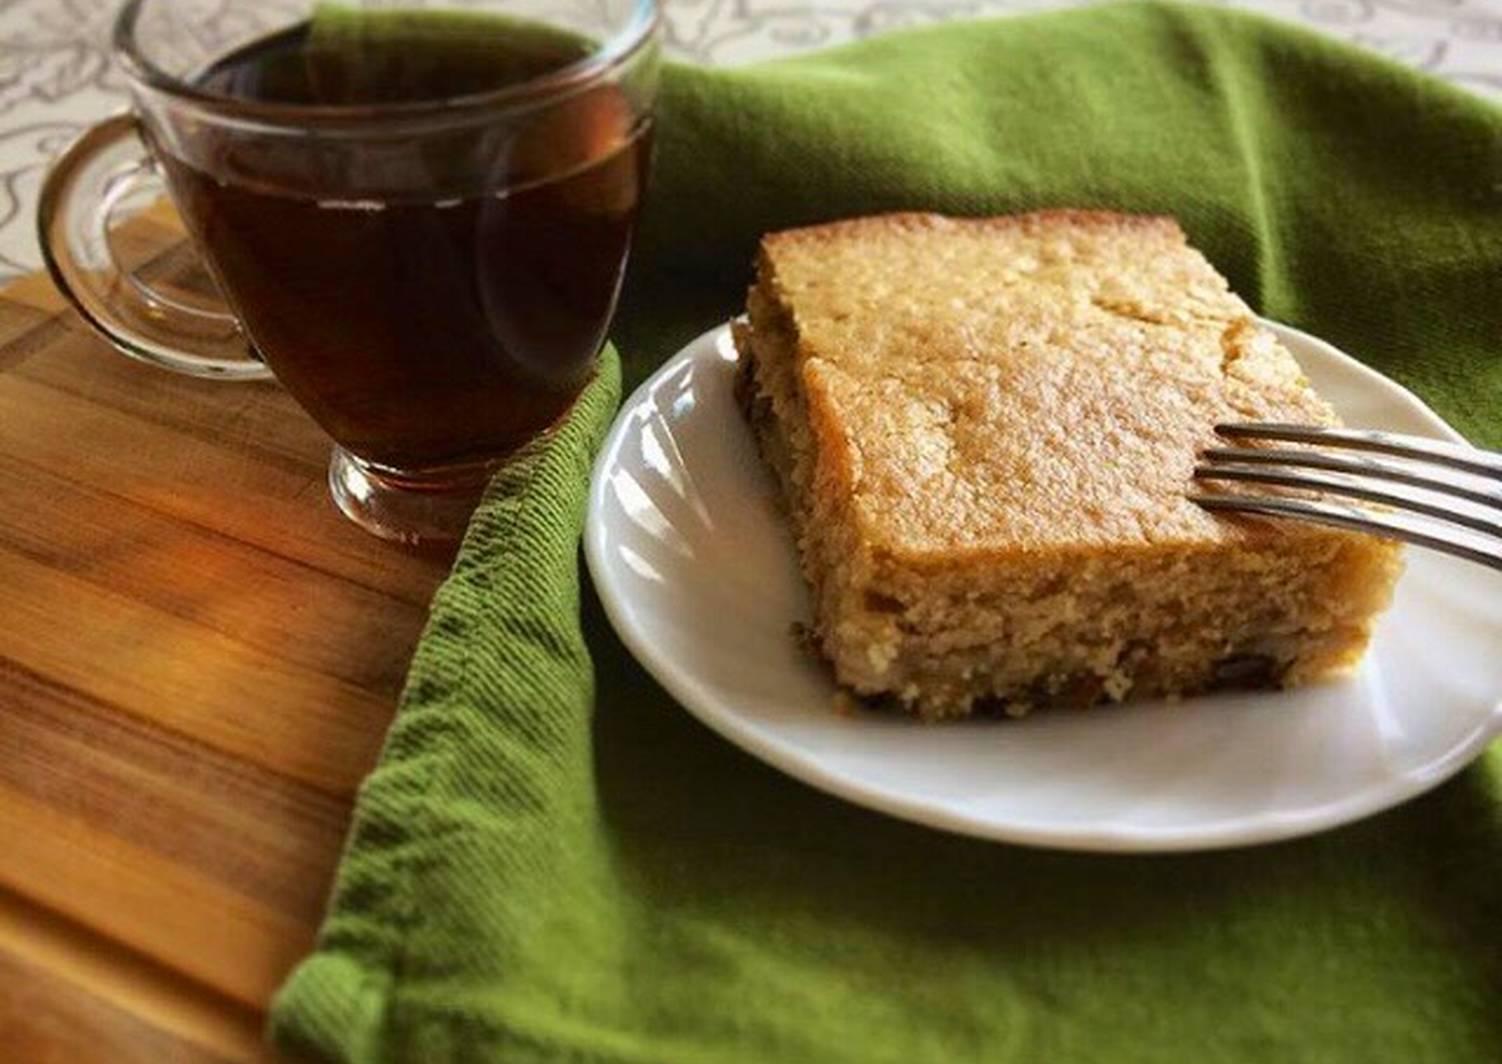 пирог на минеральной воде рецепт с фото можете купить